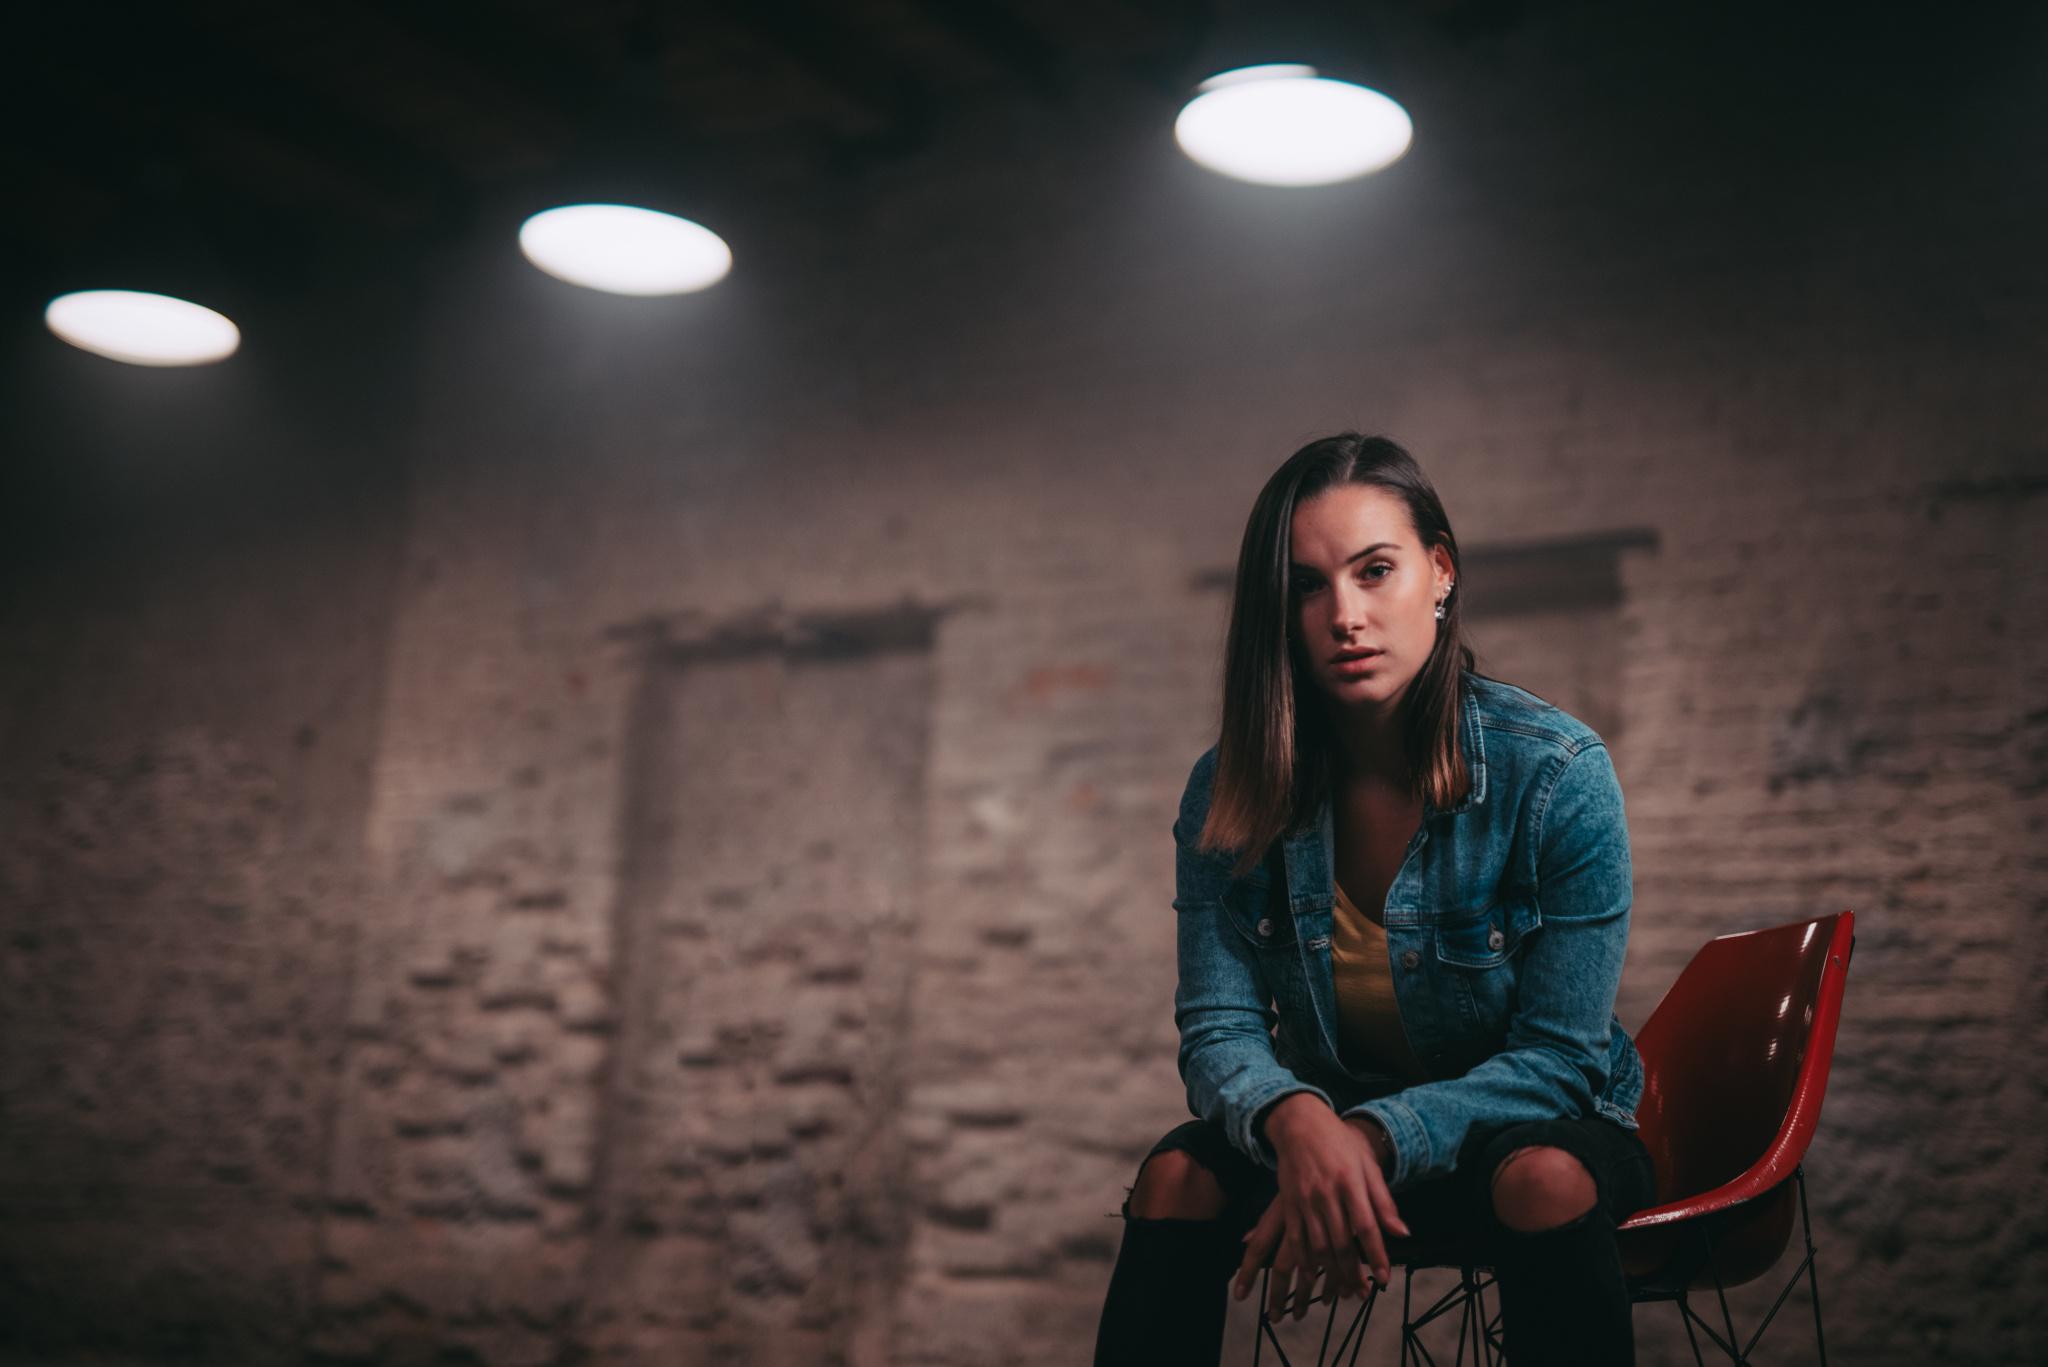 Portrait mit LED-Ringlicht - gesicht